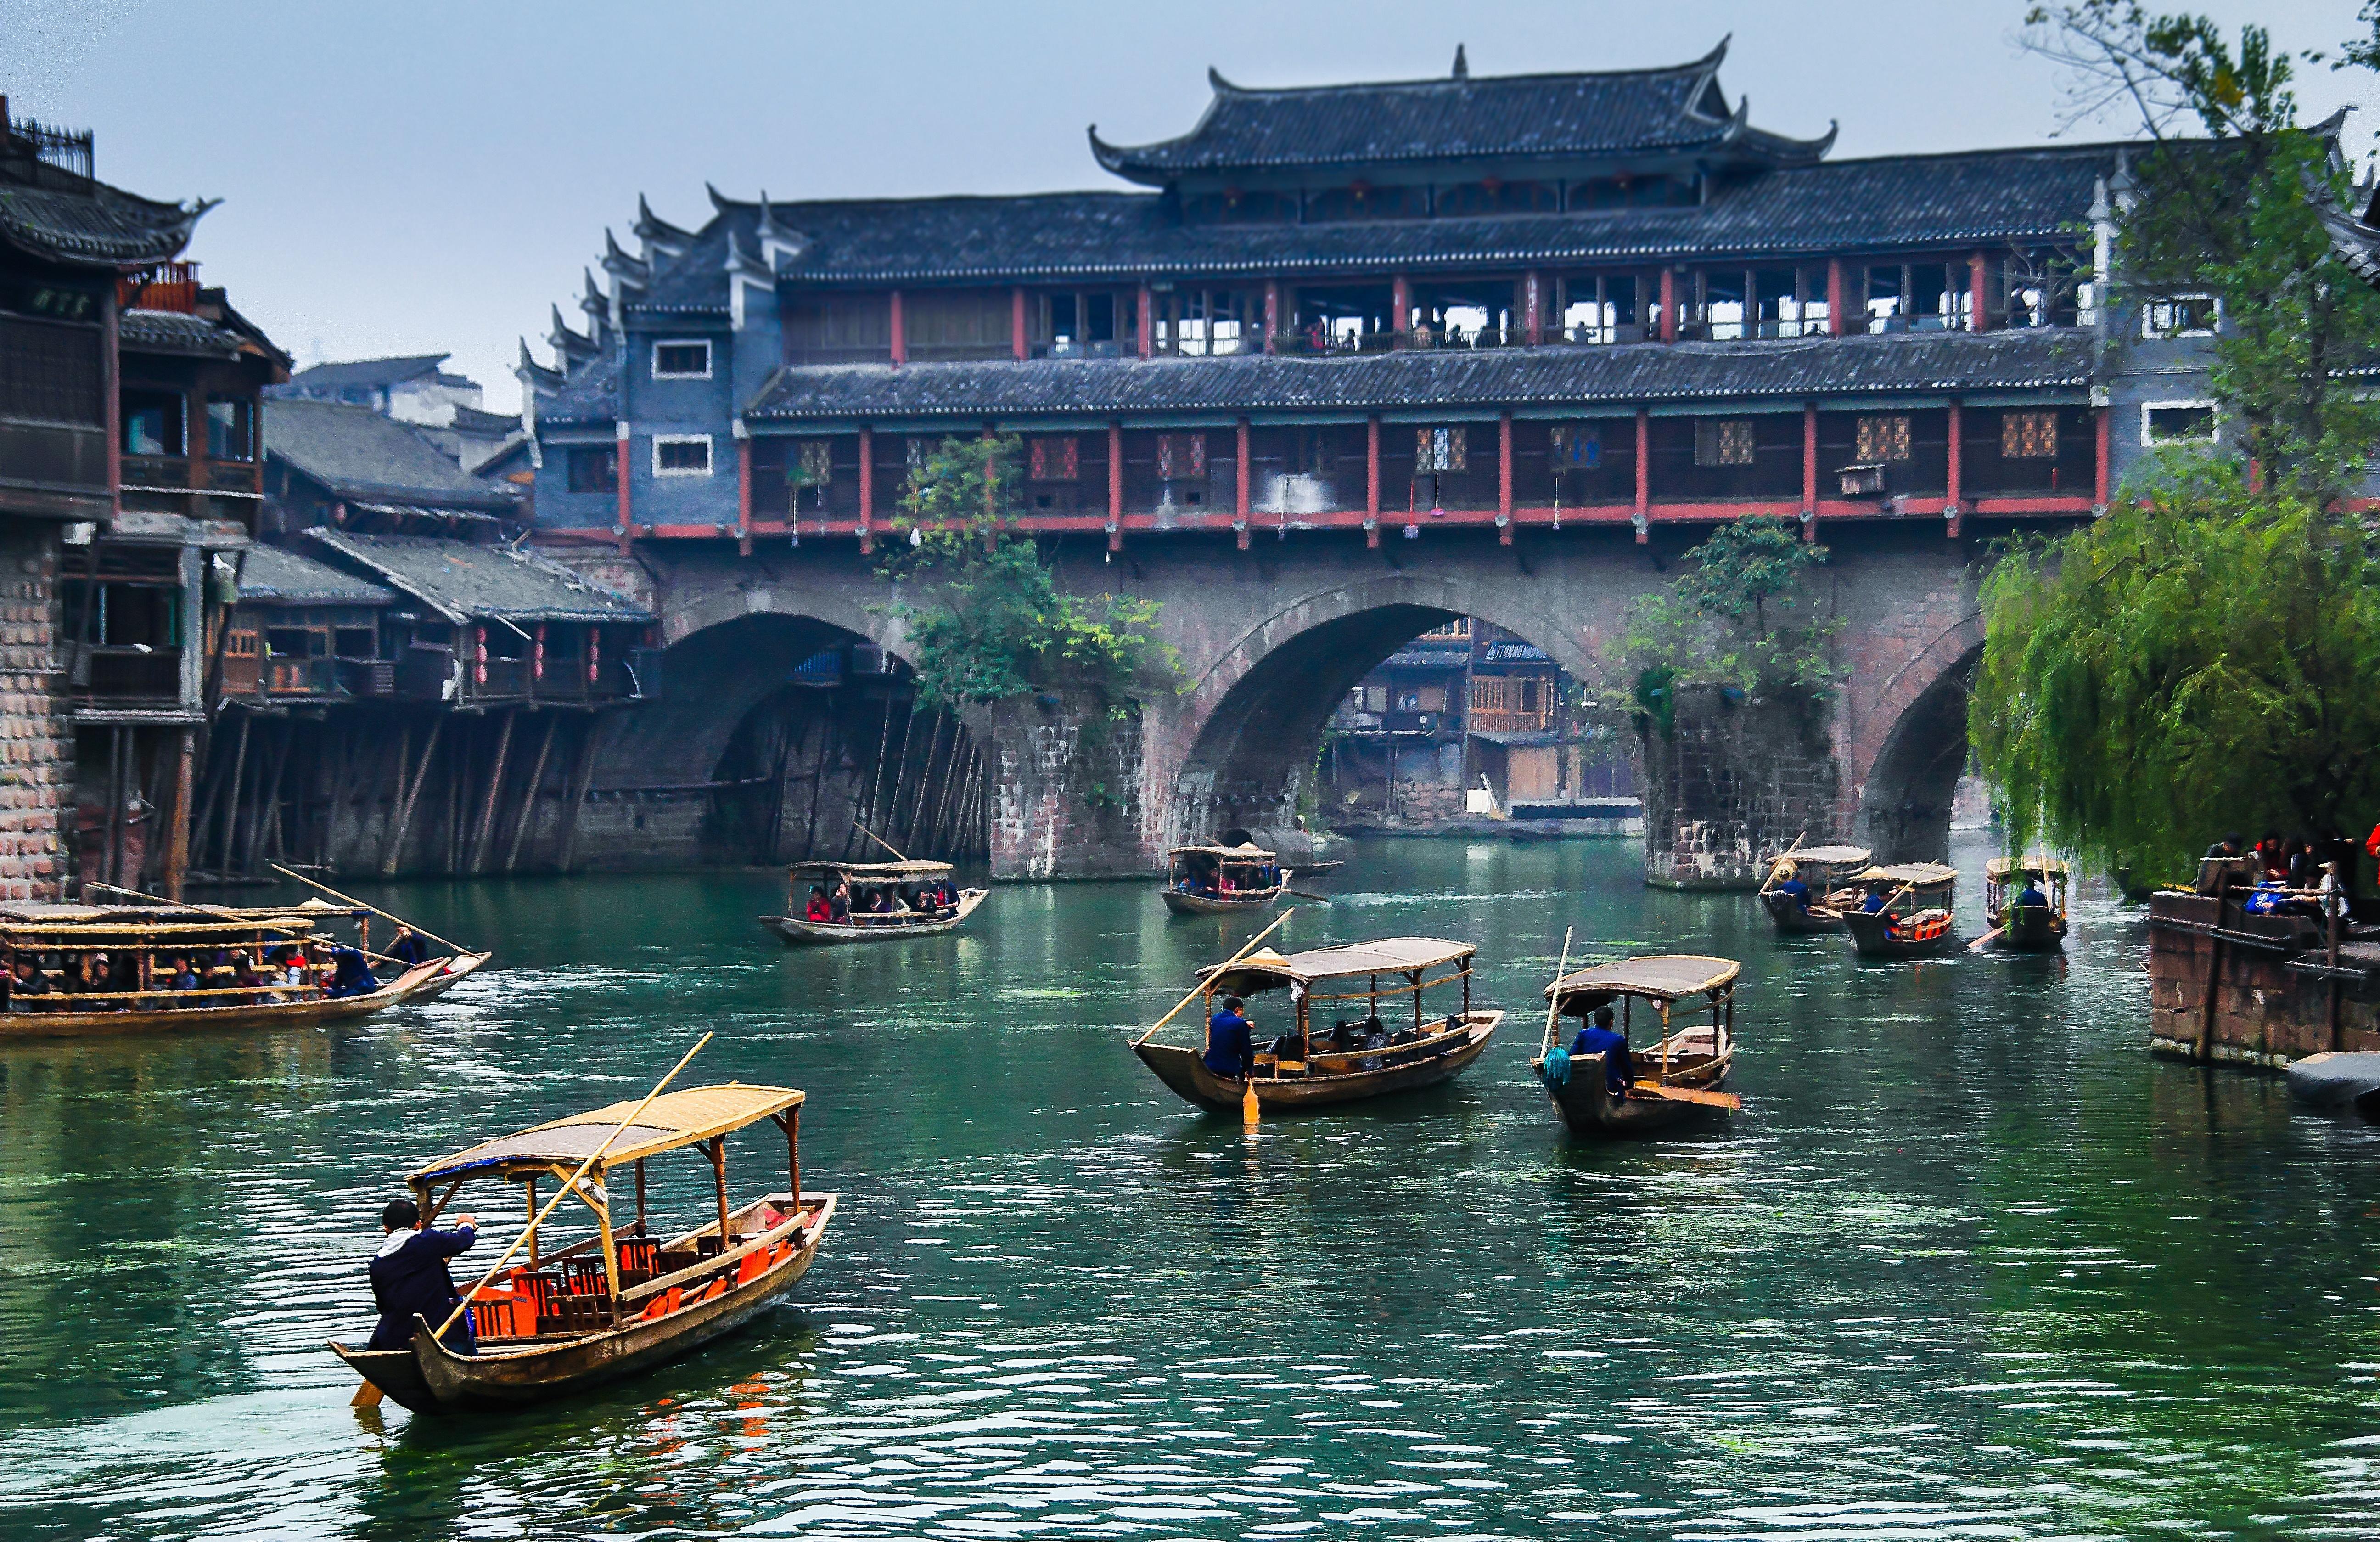 ทัวร์จีน-THE-CHARMING-OF-ZHANG-JIA-JIE-6-วัน-5-คืน-(-JUL-DEC-17)